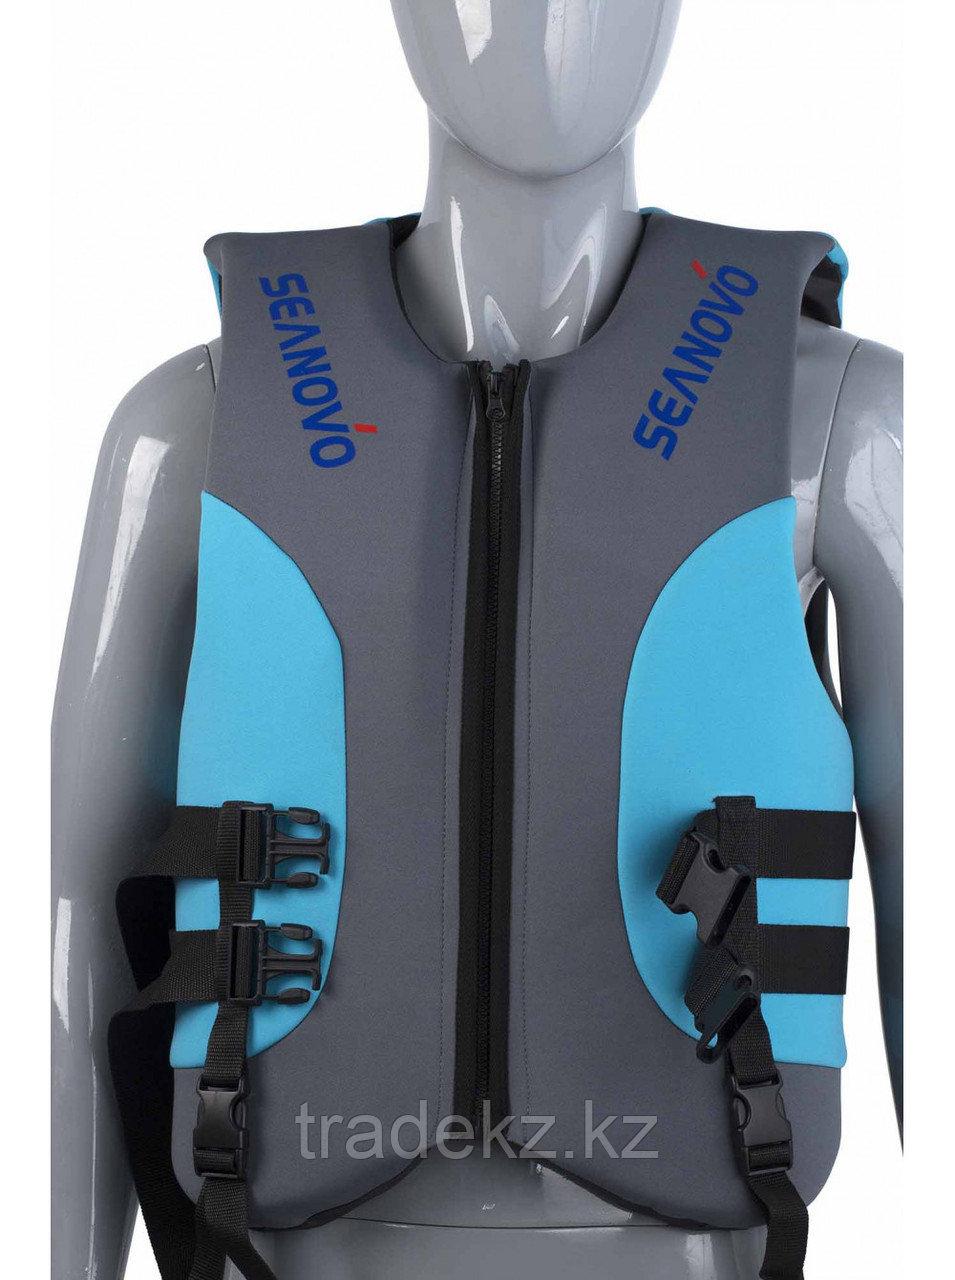 Жилет спасательный SEANOVO SJ36, неопрен, голубой/черный, размер XXXL (58-60)